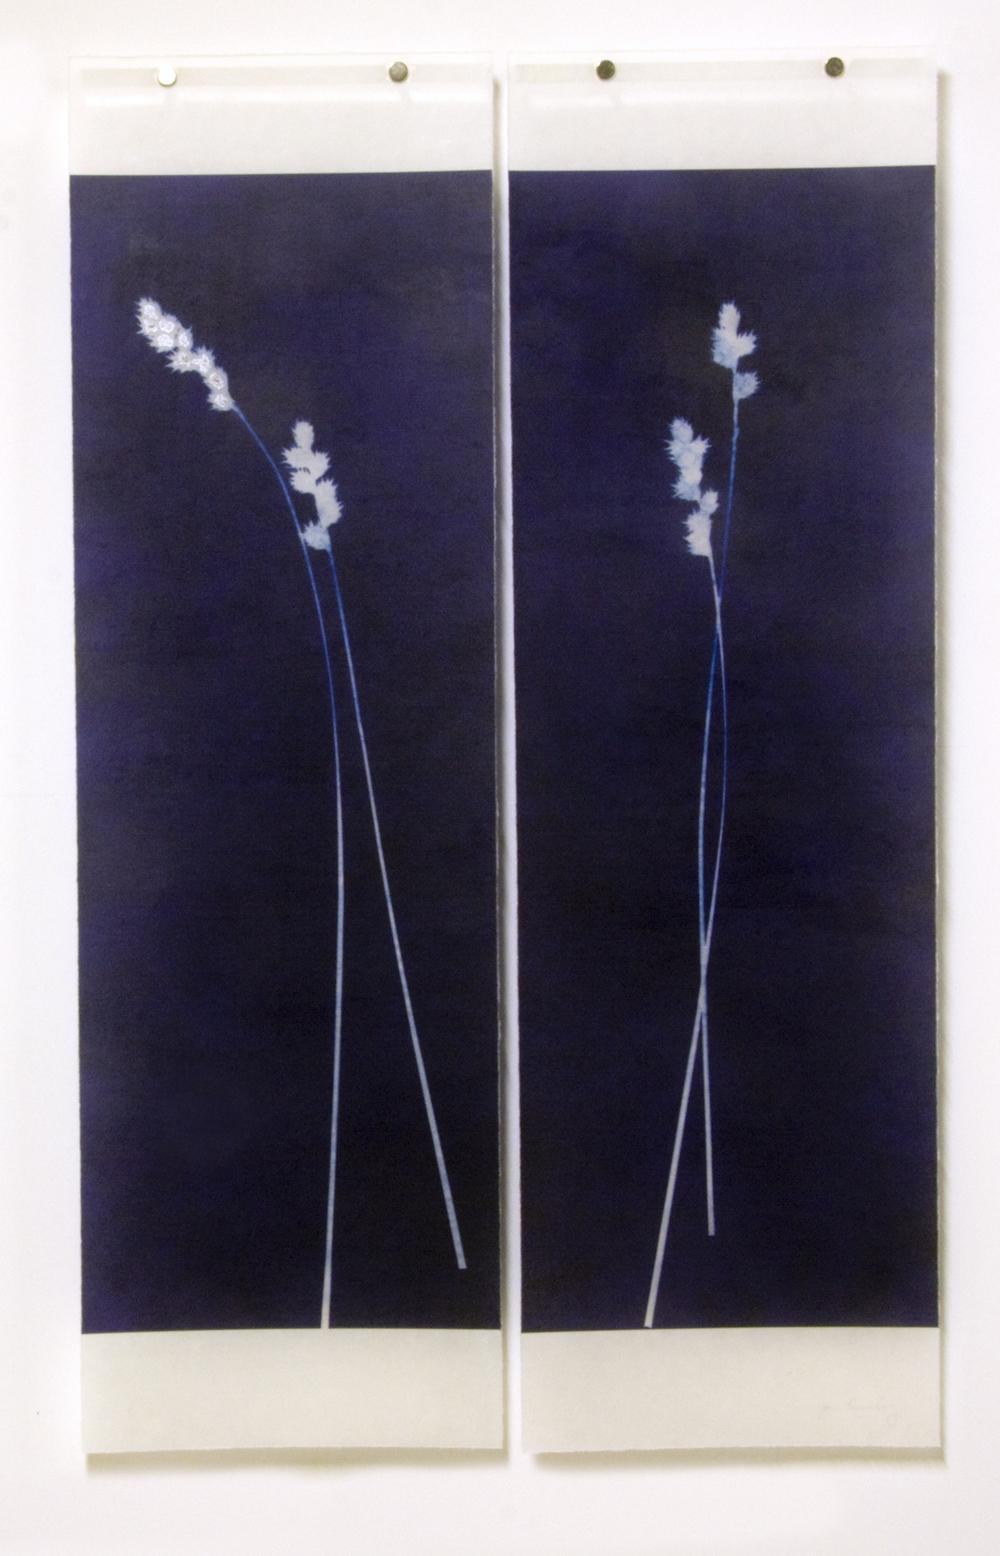 Tall Grass, No.2